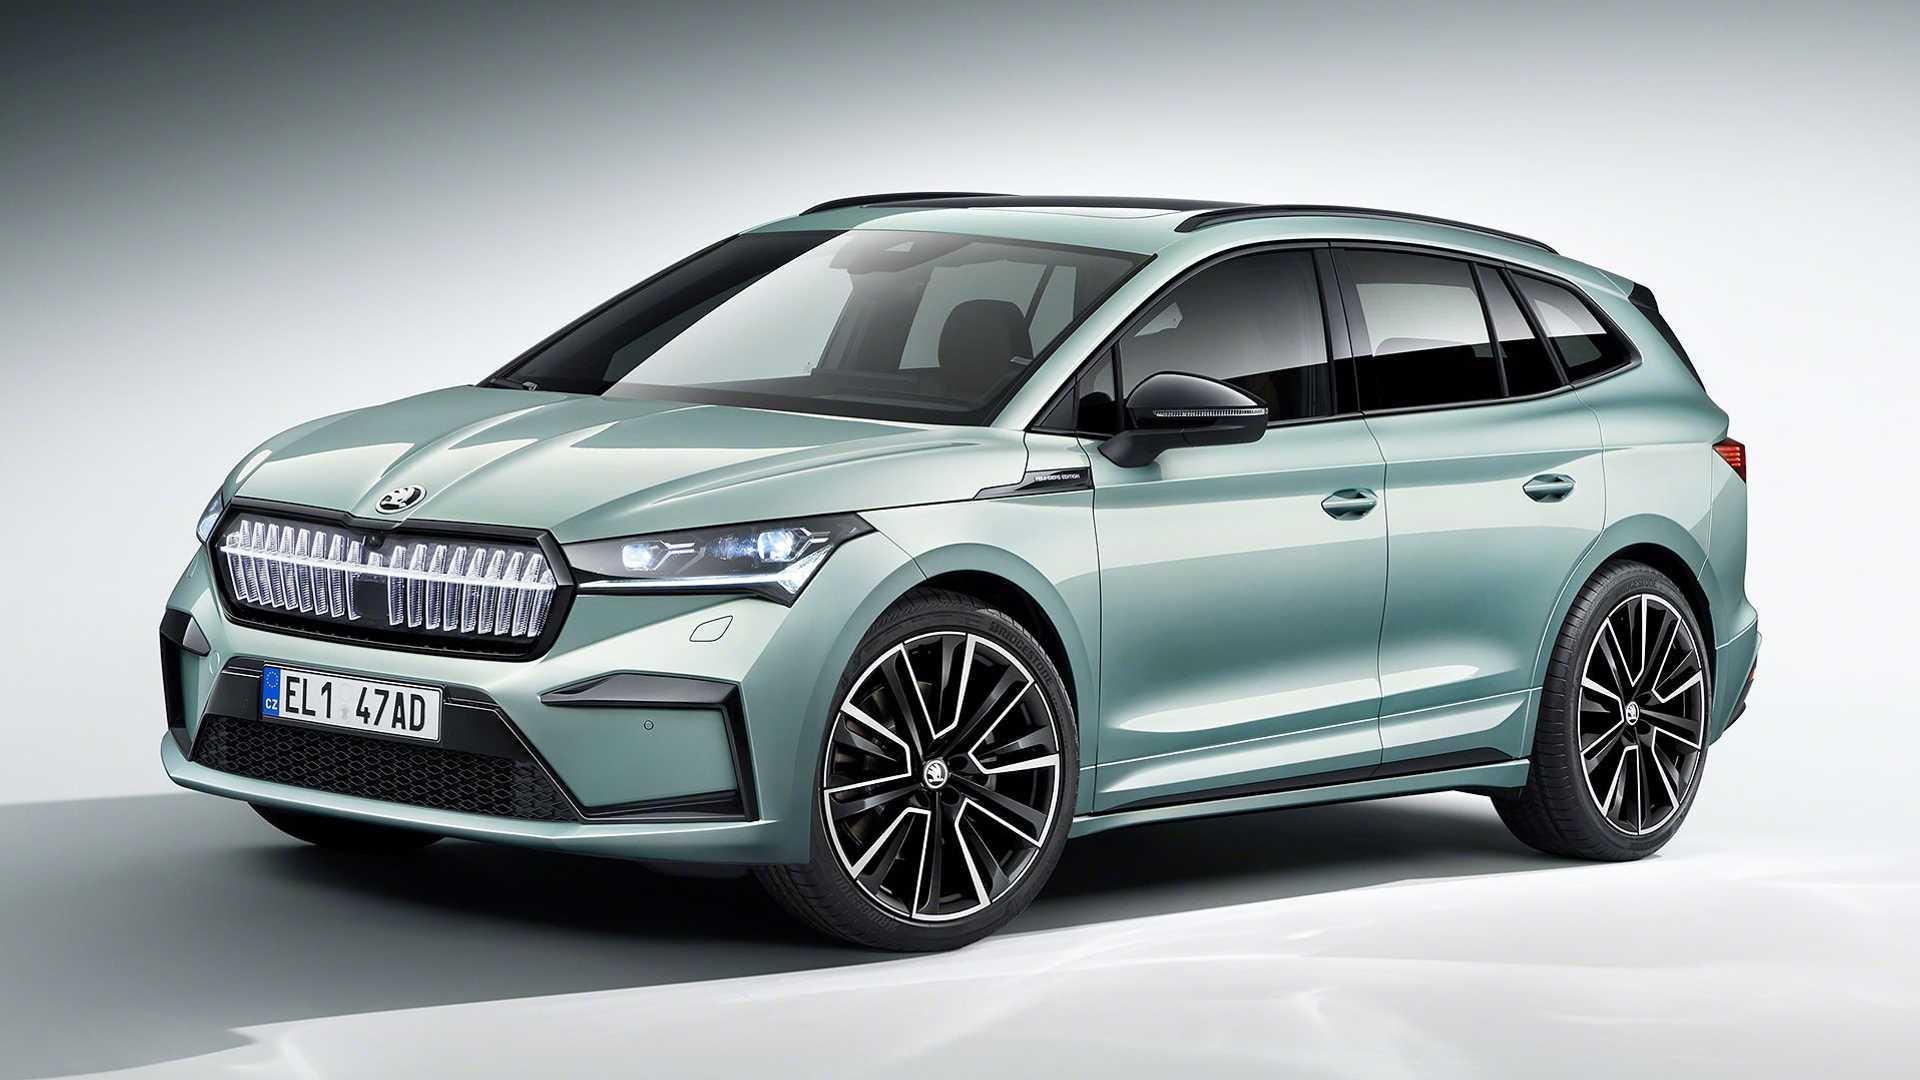 Enyaq iV: Αυτό είναι το πρώτο ηλεκτρικό SUV της Škoda [vid]